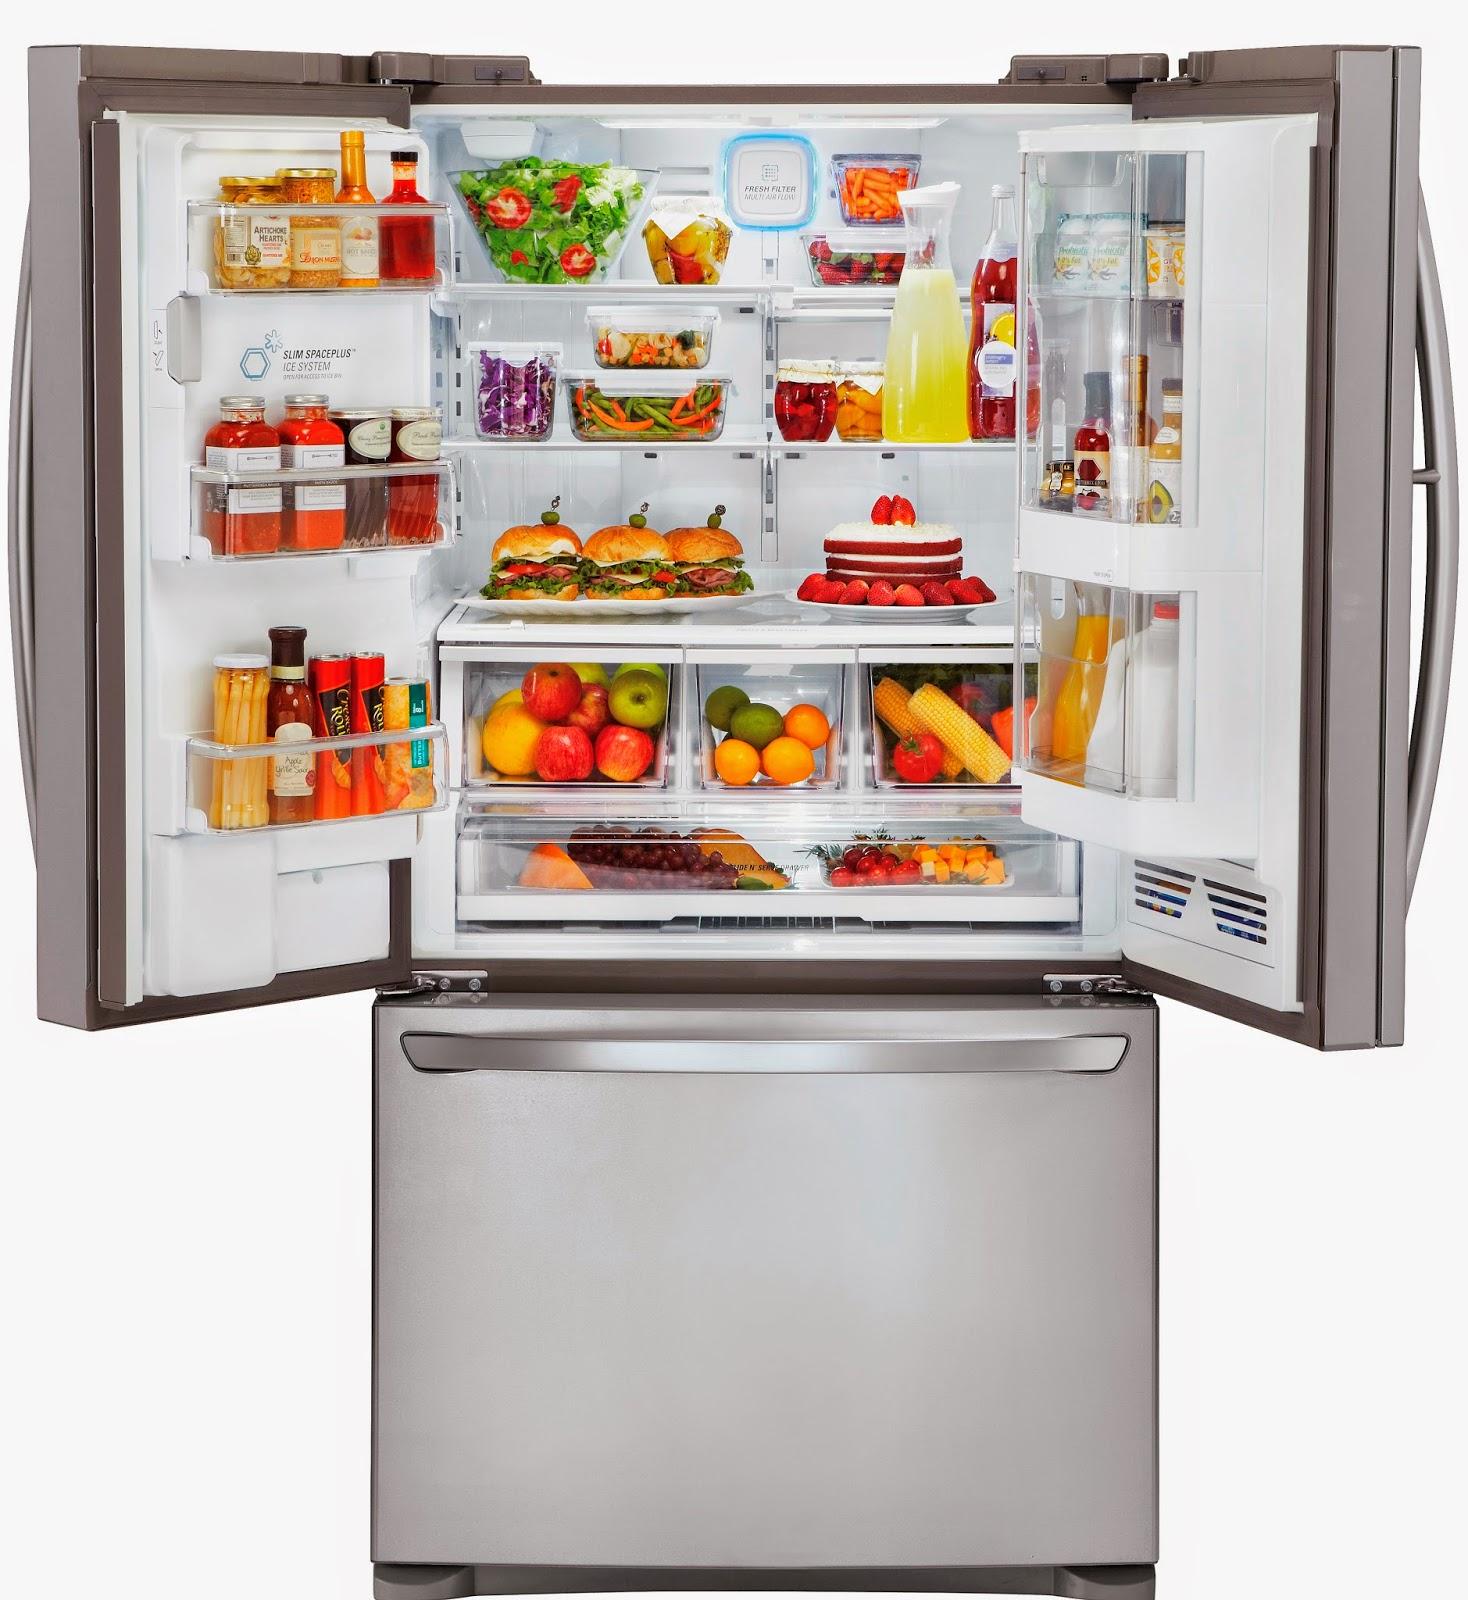 Messy Refrigerator: Stella Dimoko Korkus.com: LG'S INNOVATIVE DOOR-IN-DOOR